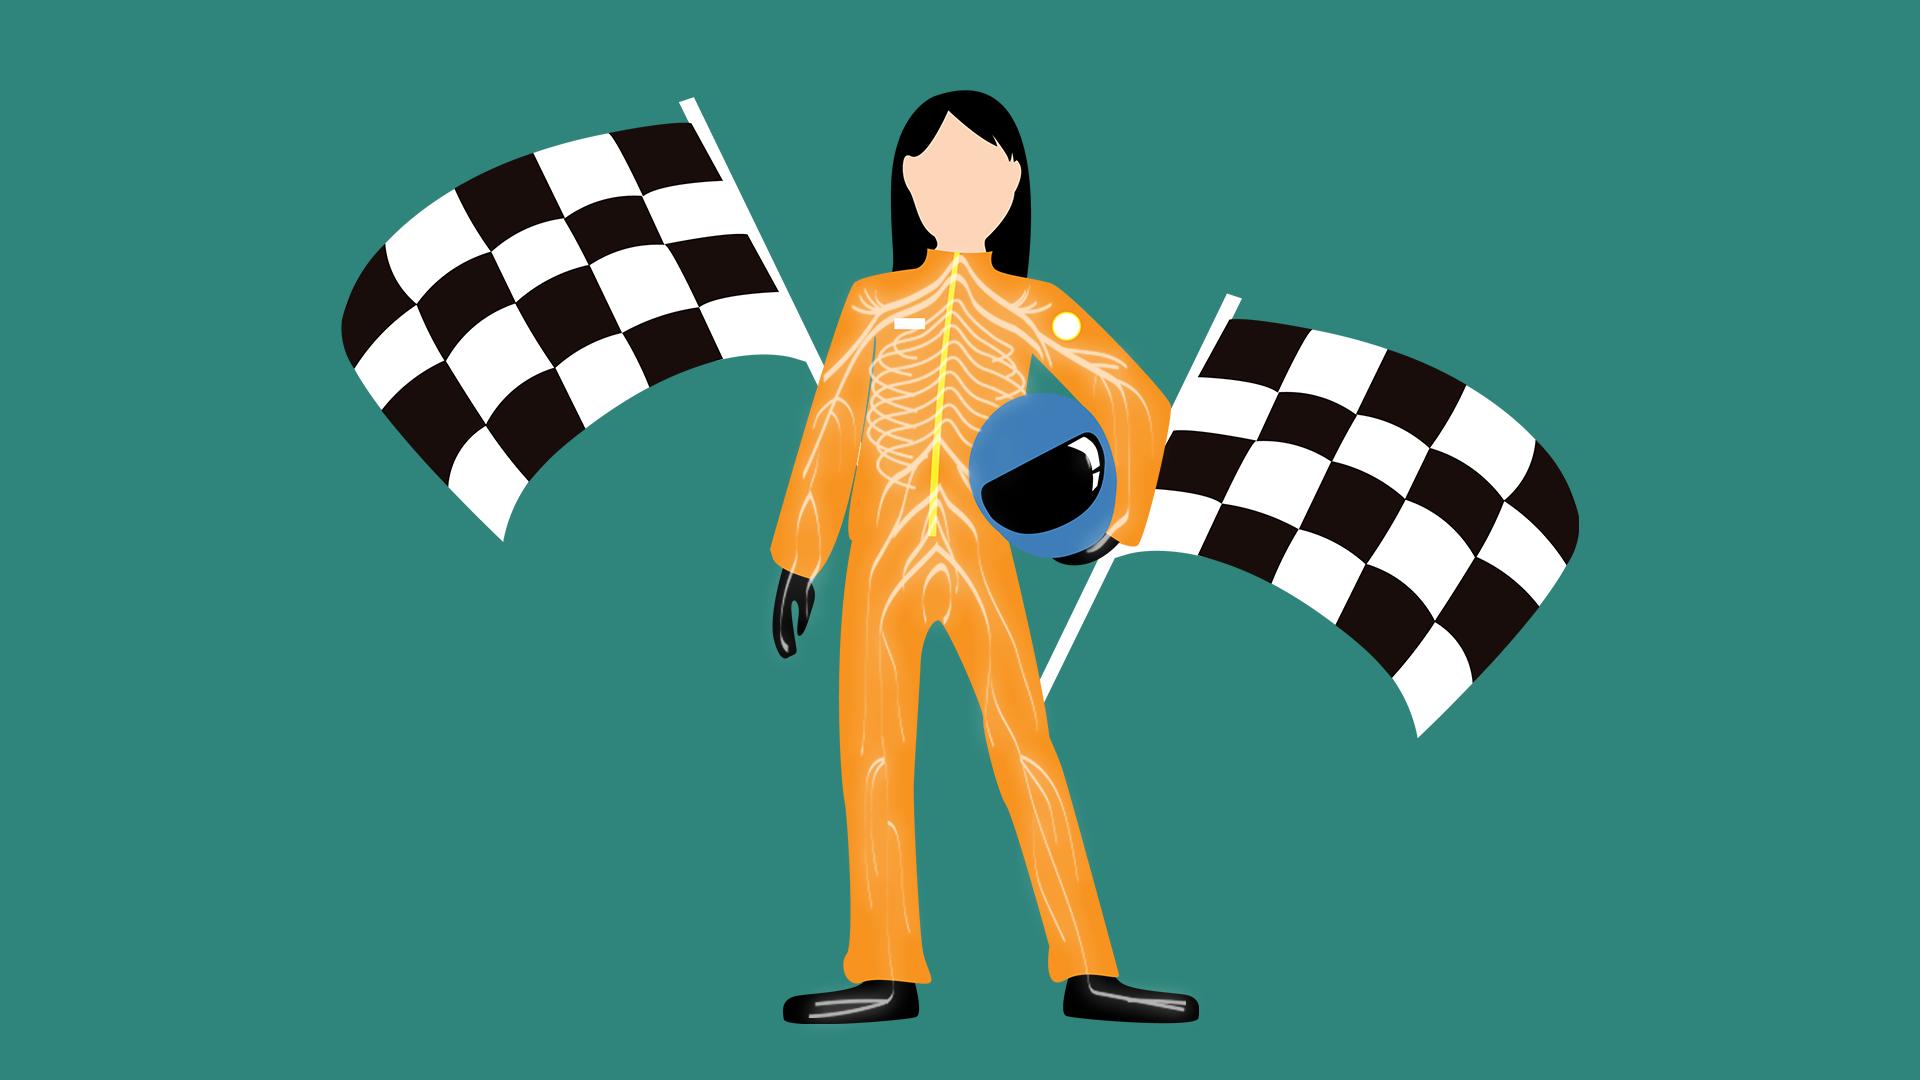 Racerløb og nervesystemet